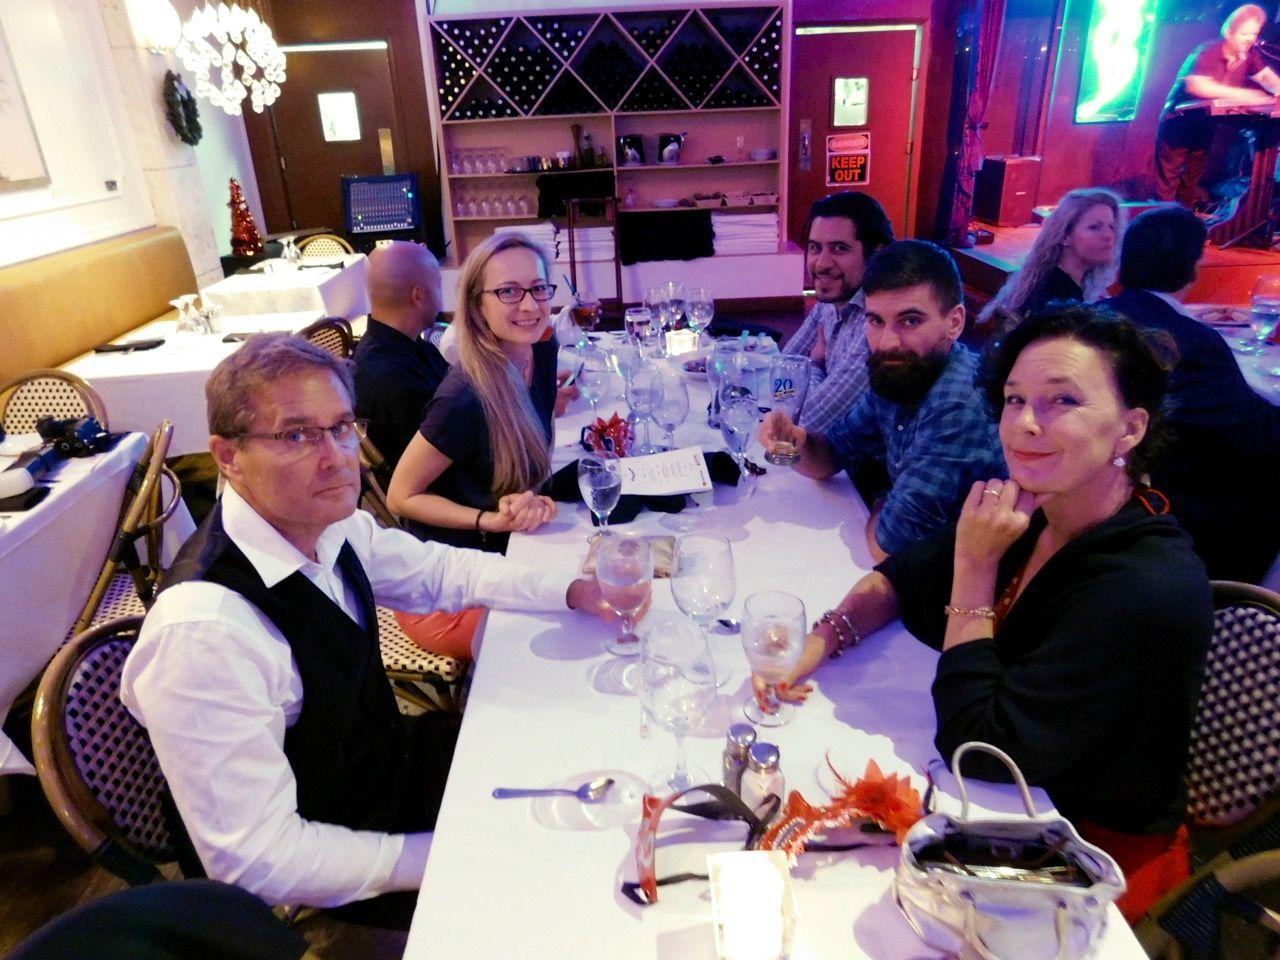 Chambre de commerce quebec ccqf floride soiree noel 2017 for Chambre de commerce de quebec